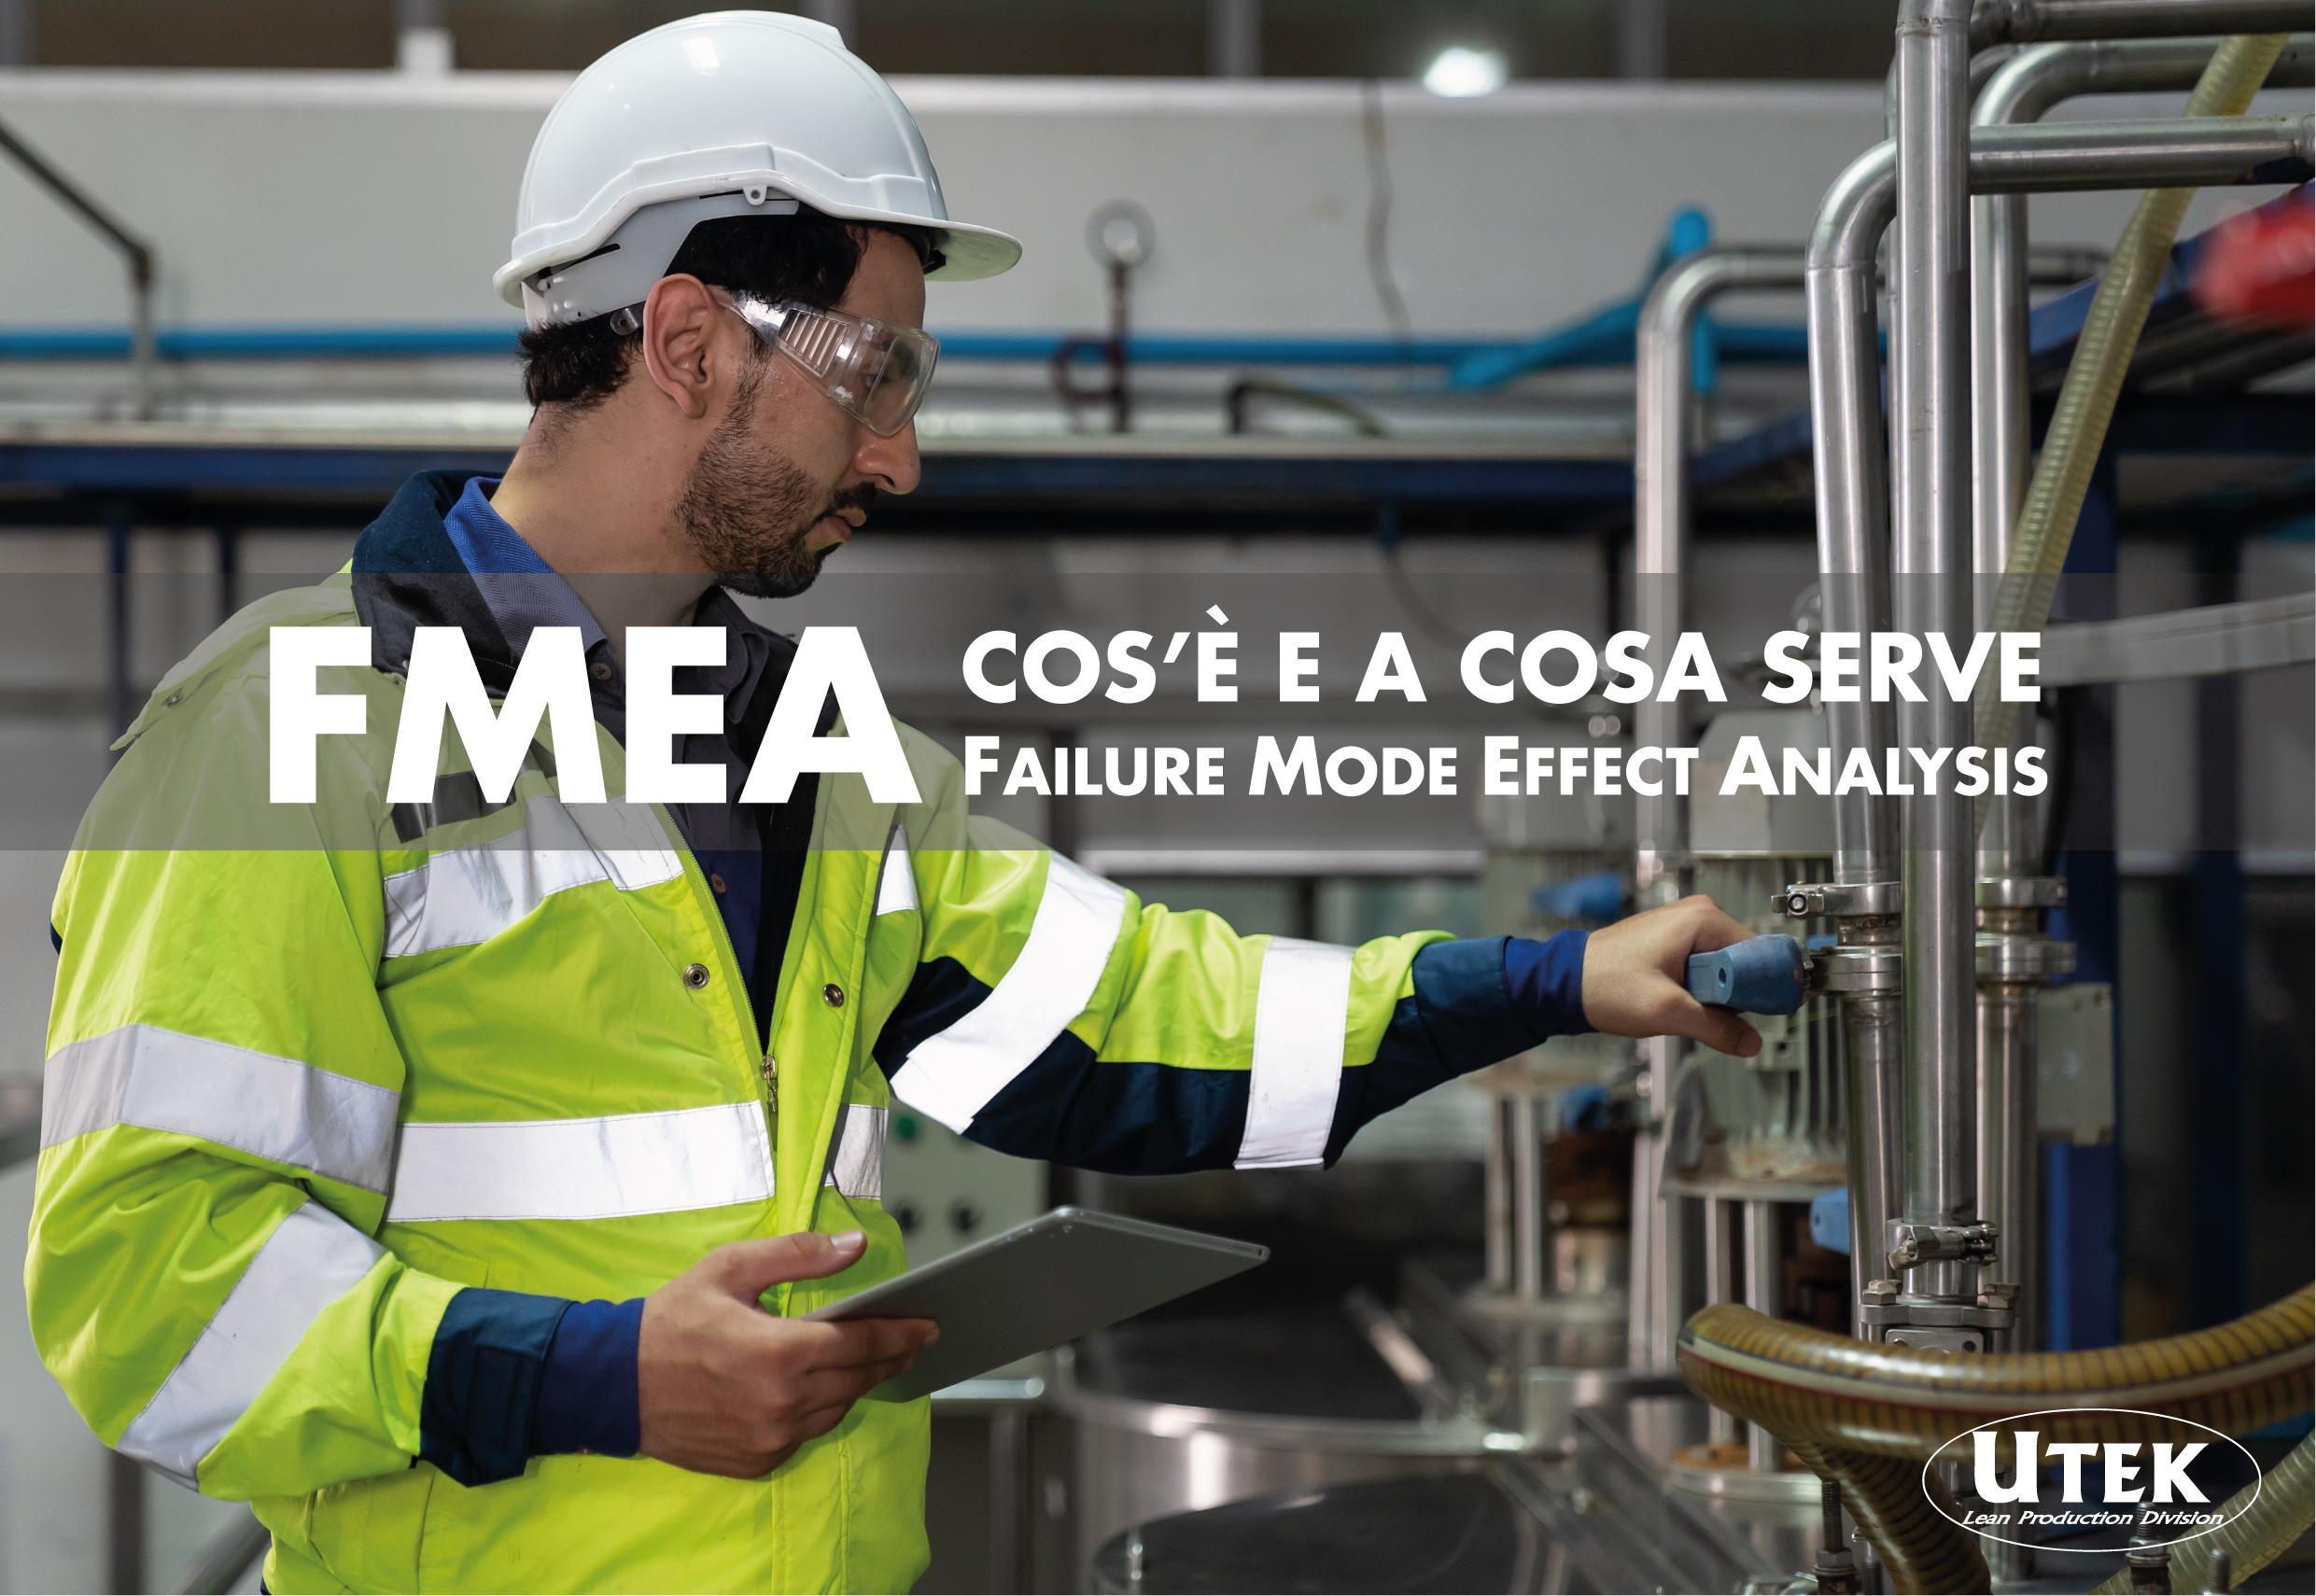 FMEA: cos'è e a cosa serve esattamente